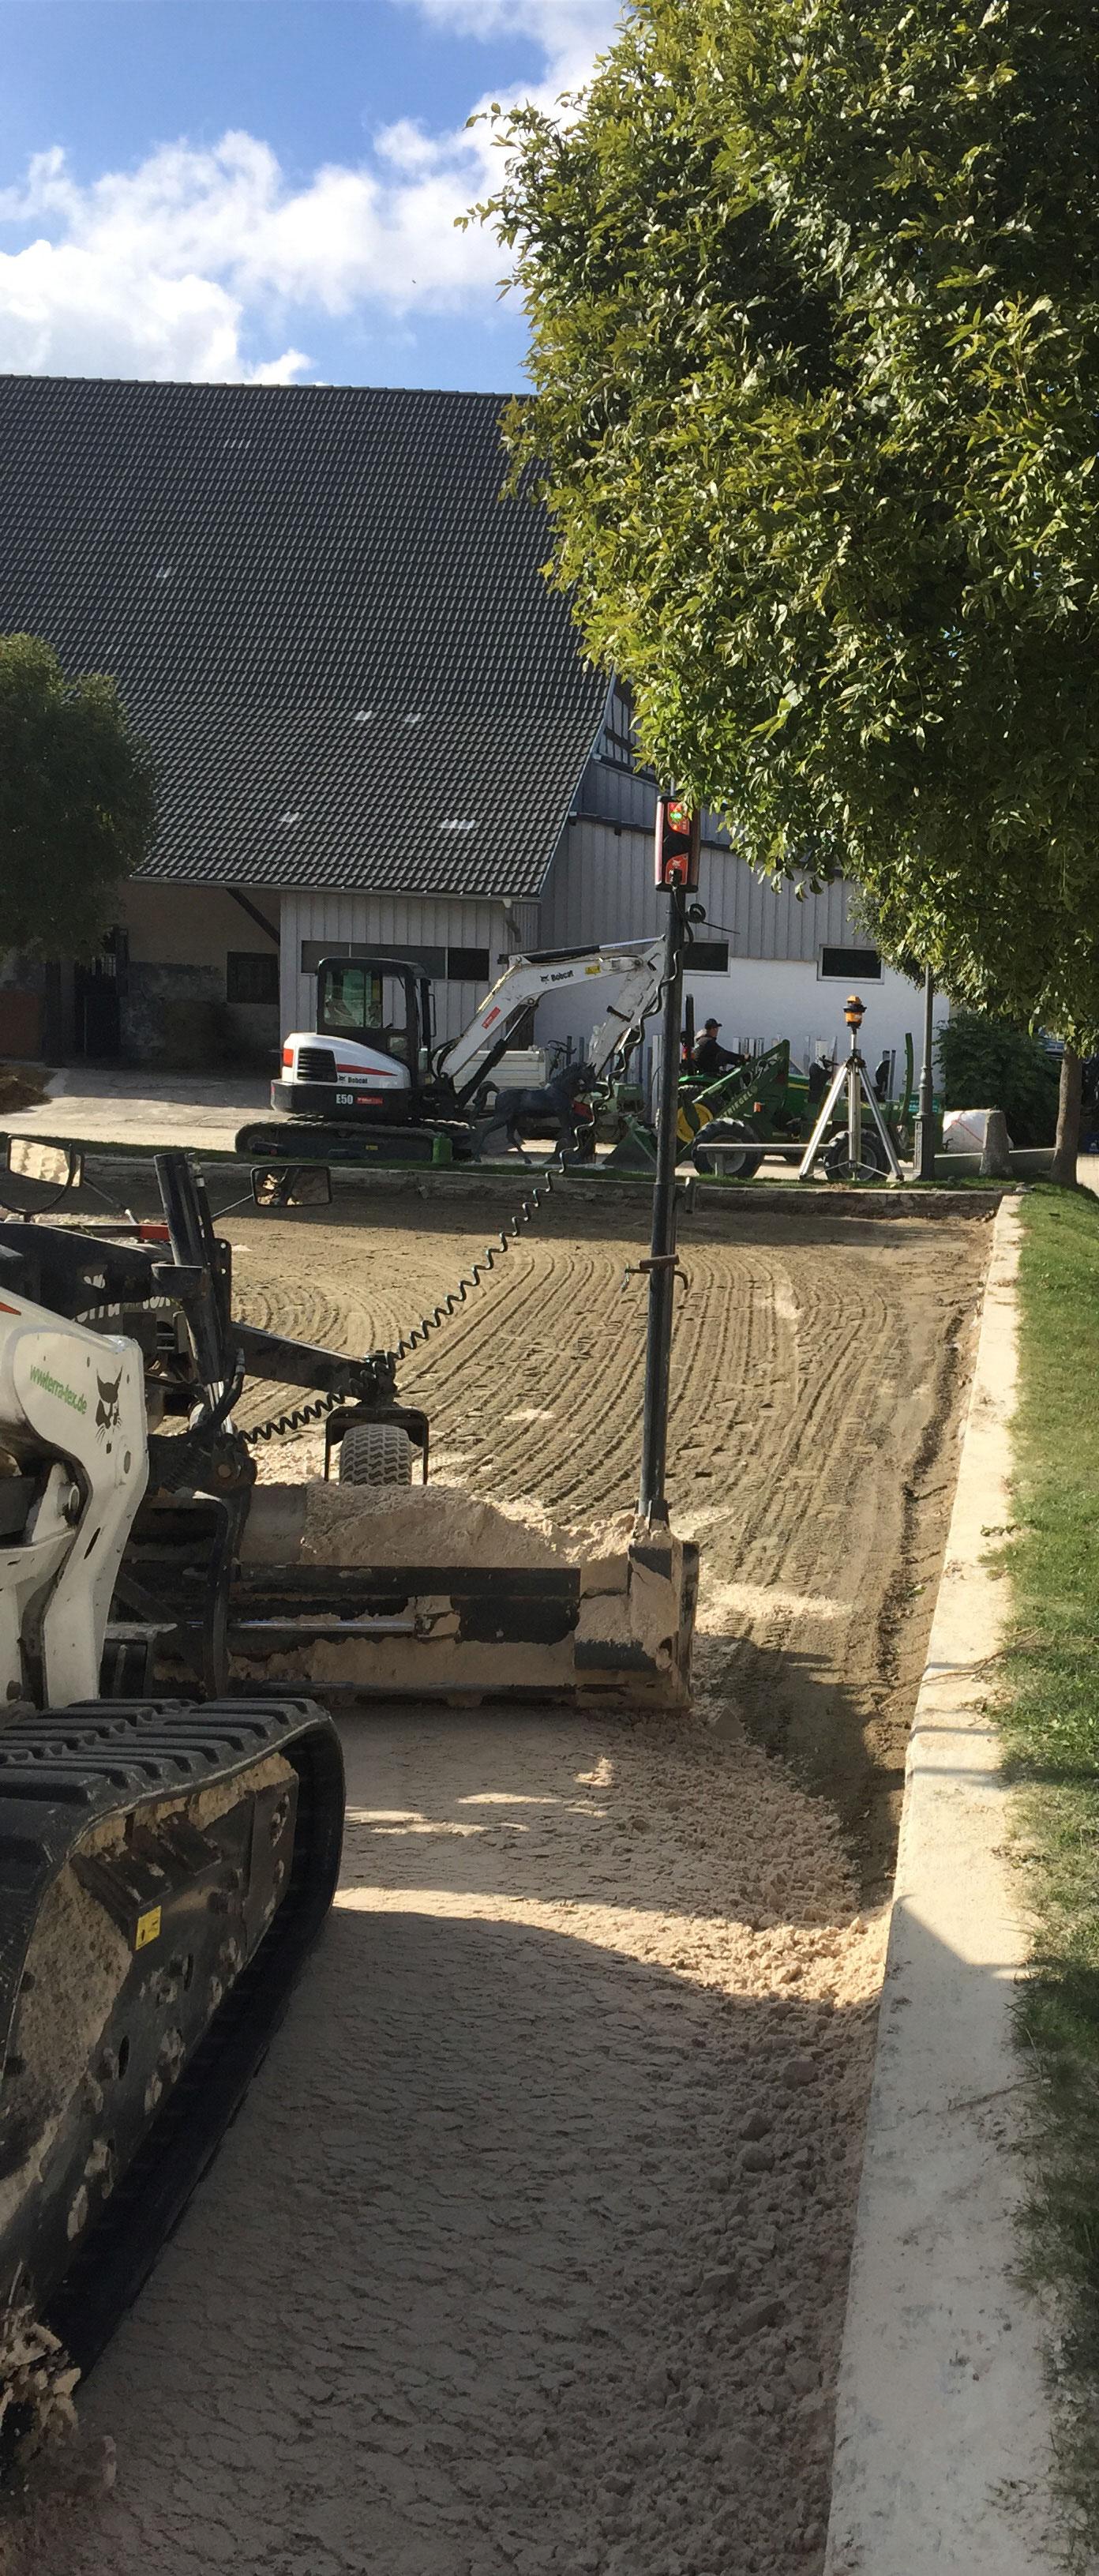 Ebbe flut bewässerungssystem reitplatz